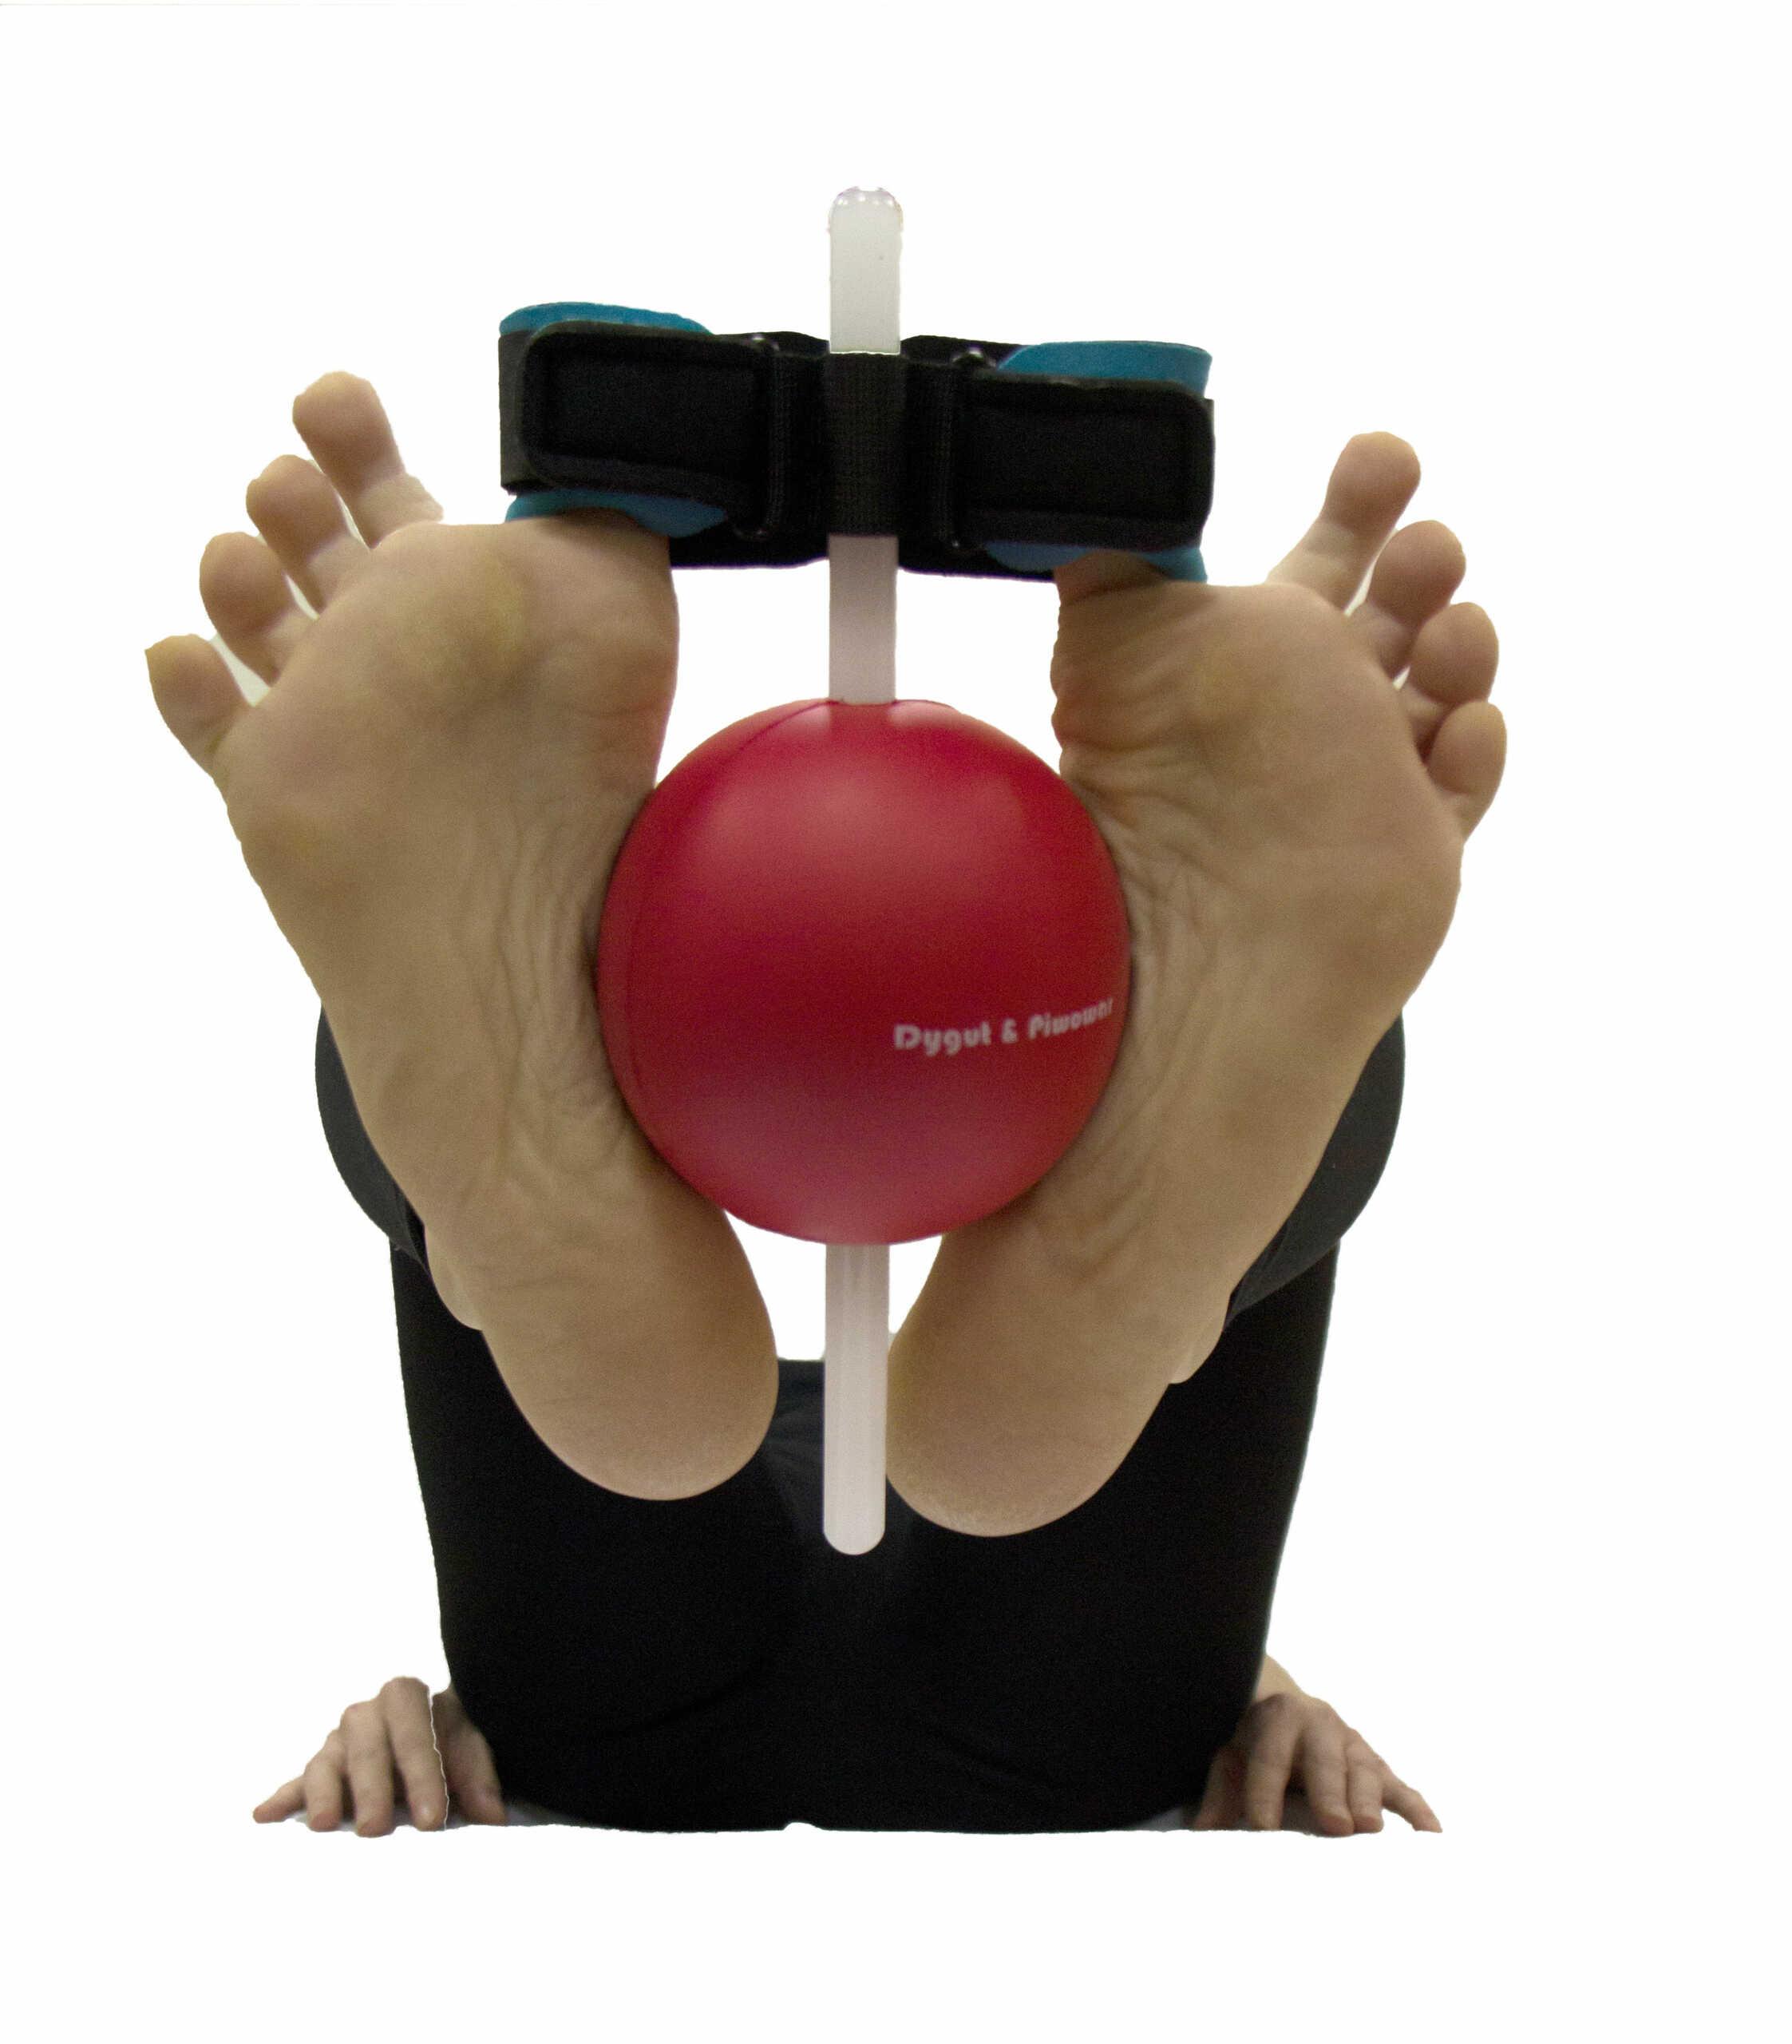 Opatentowany aparat bierno-dynamiczny do ćwiczeń stopy - bóle, płaskostopie, halluks (HalluxSTOP Dragonfly)